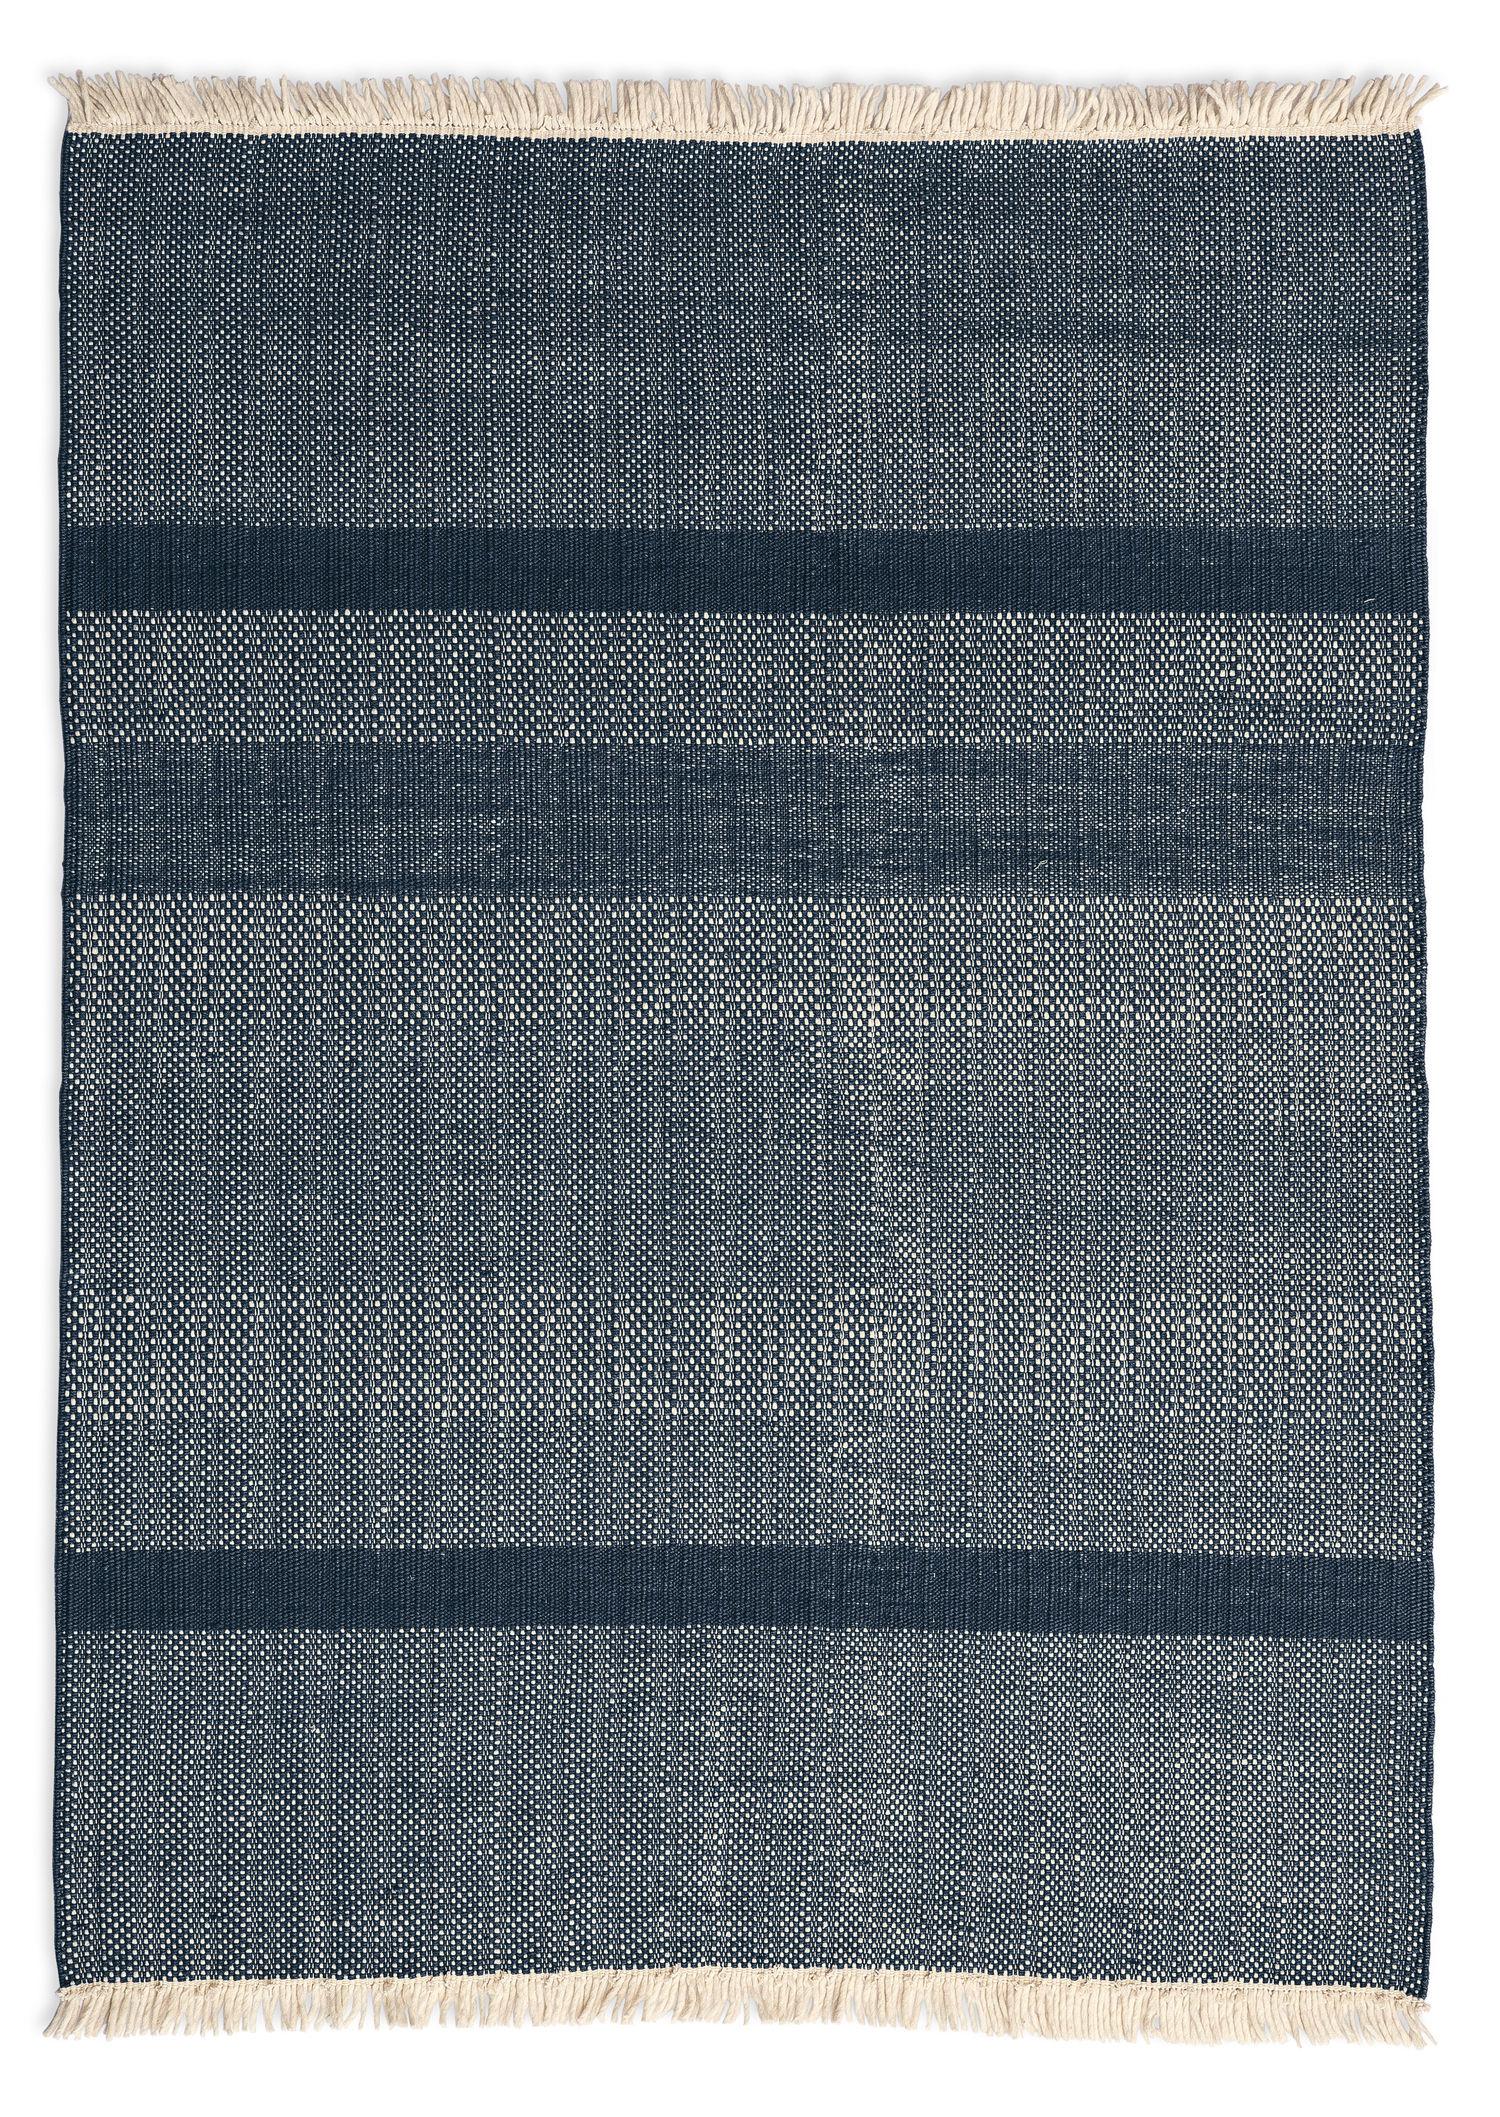 Tapis tres texture 170 x 240 cm bleu nanimarquina for Alessi porte listino prezzi